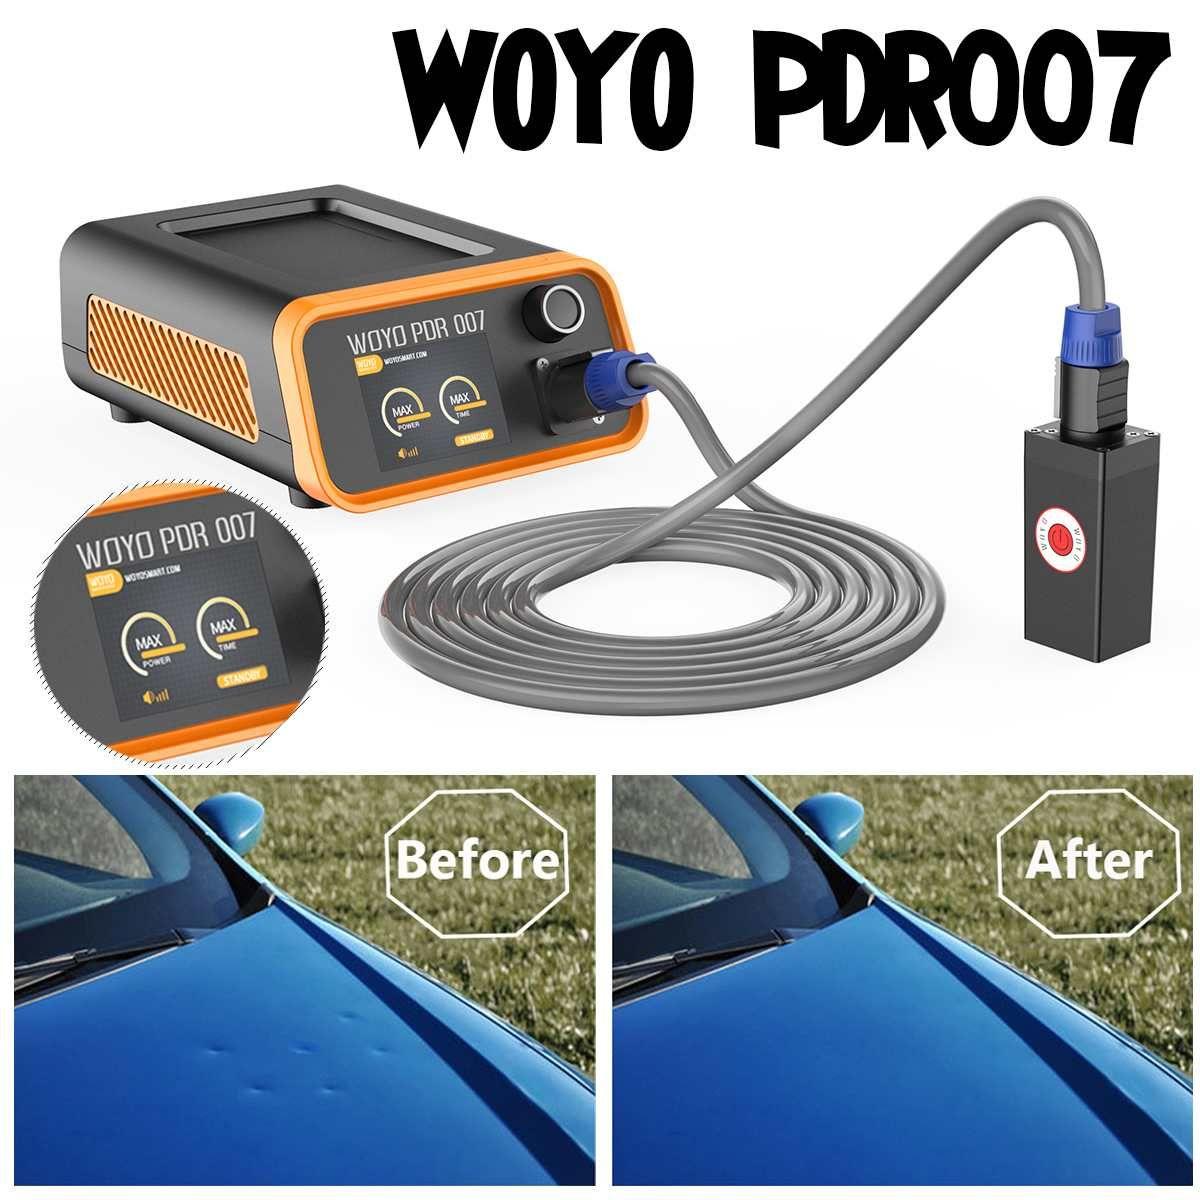 PDR007 PDRs tools Farbe Dent auto körper Reparatur Werkzeug Induktion heizung für entfernen dellen Set garage blatt metall werkzeuge Entfernung kits